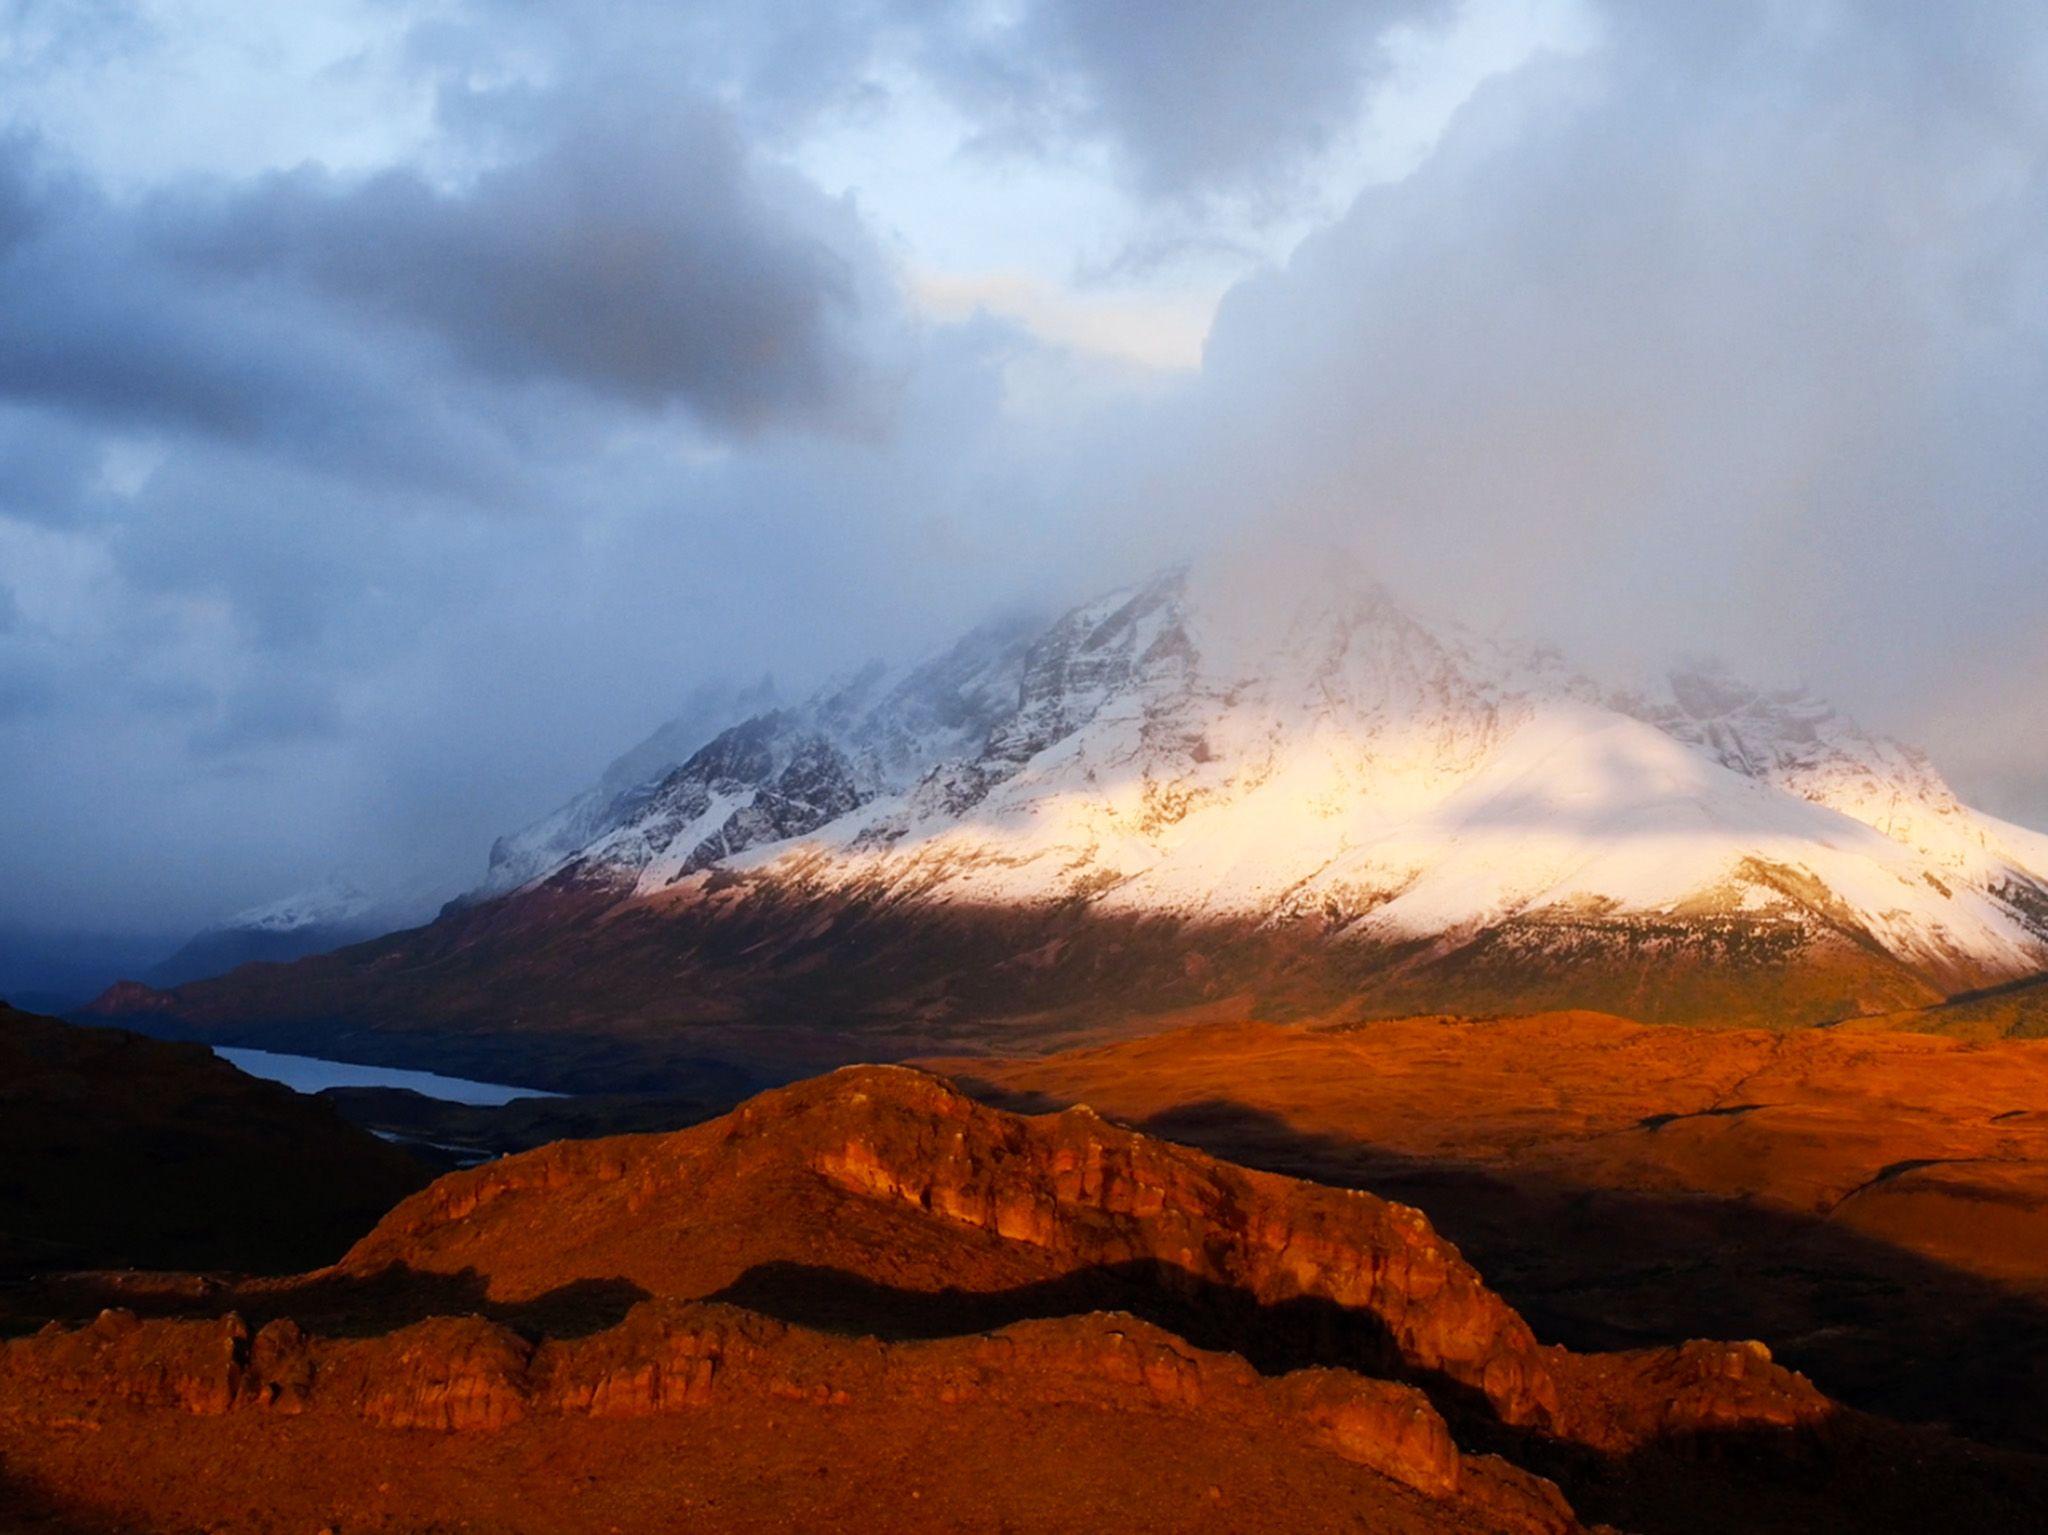 جبل توريس دل باينه يلوح في الأفق. هذه الصورة من... [Photo of the day - نوفمبر 2020]